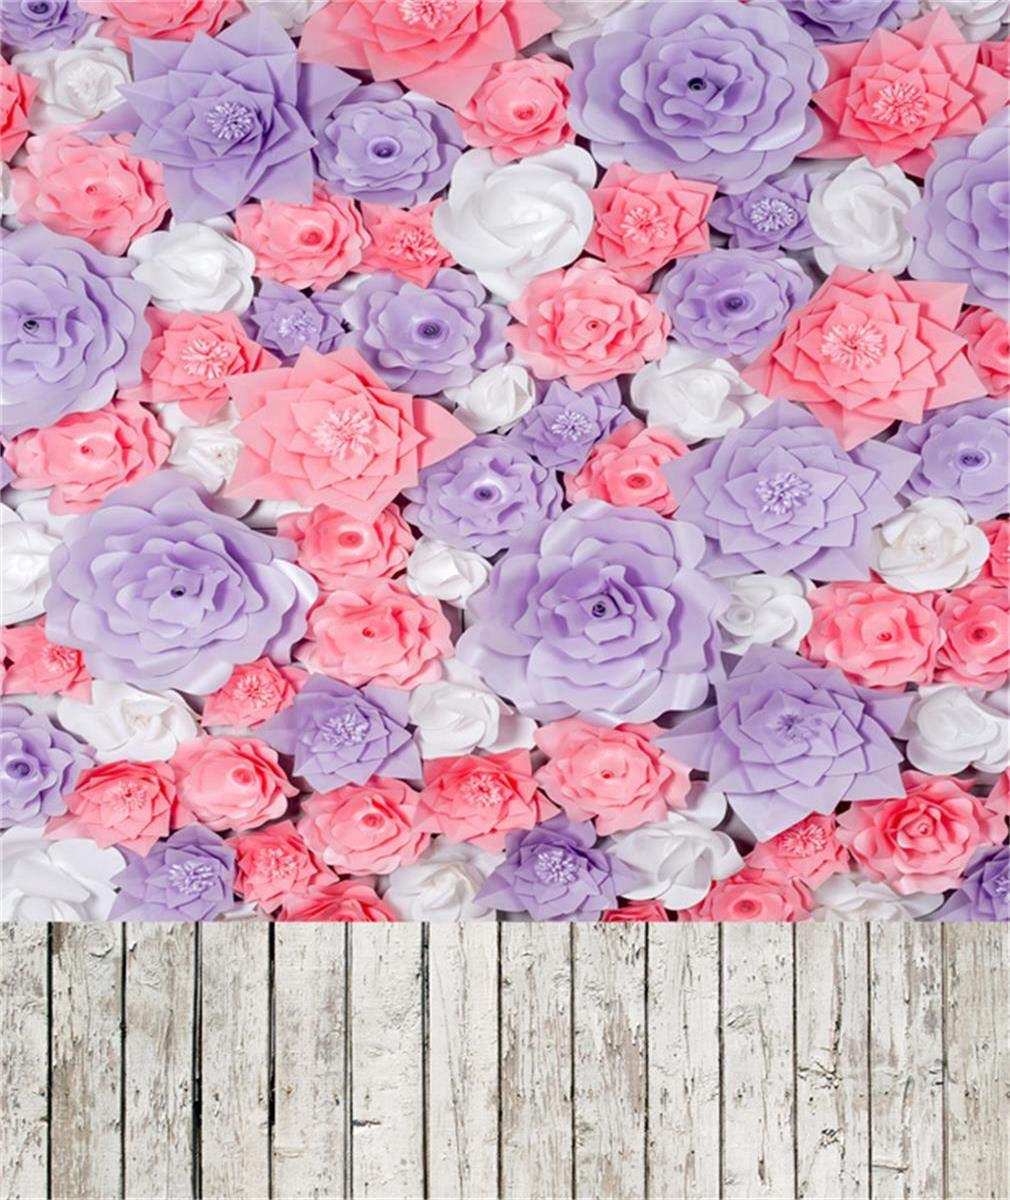 写真スタジオ小道具用背景幕 ピンクと紫のペーパーフラワー ベビーシャワー 写真撮影用背景 ビンテージ木製   B07GTY5KV5